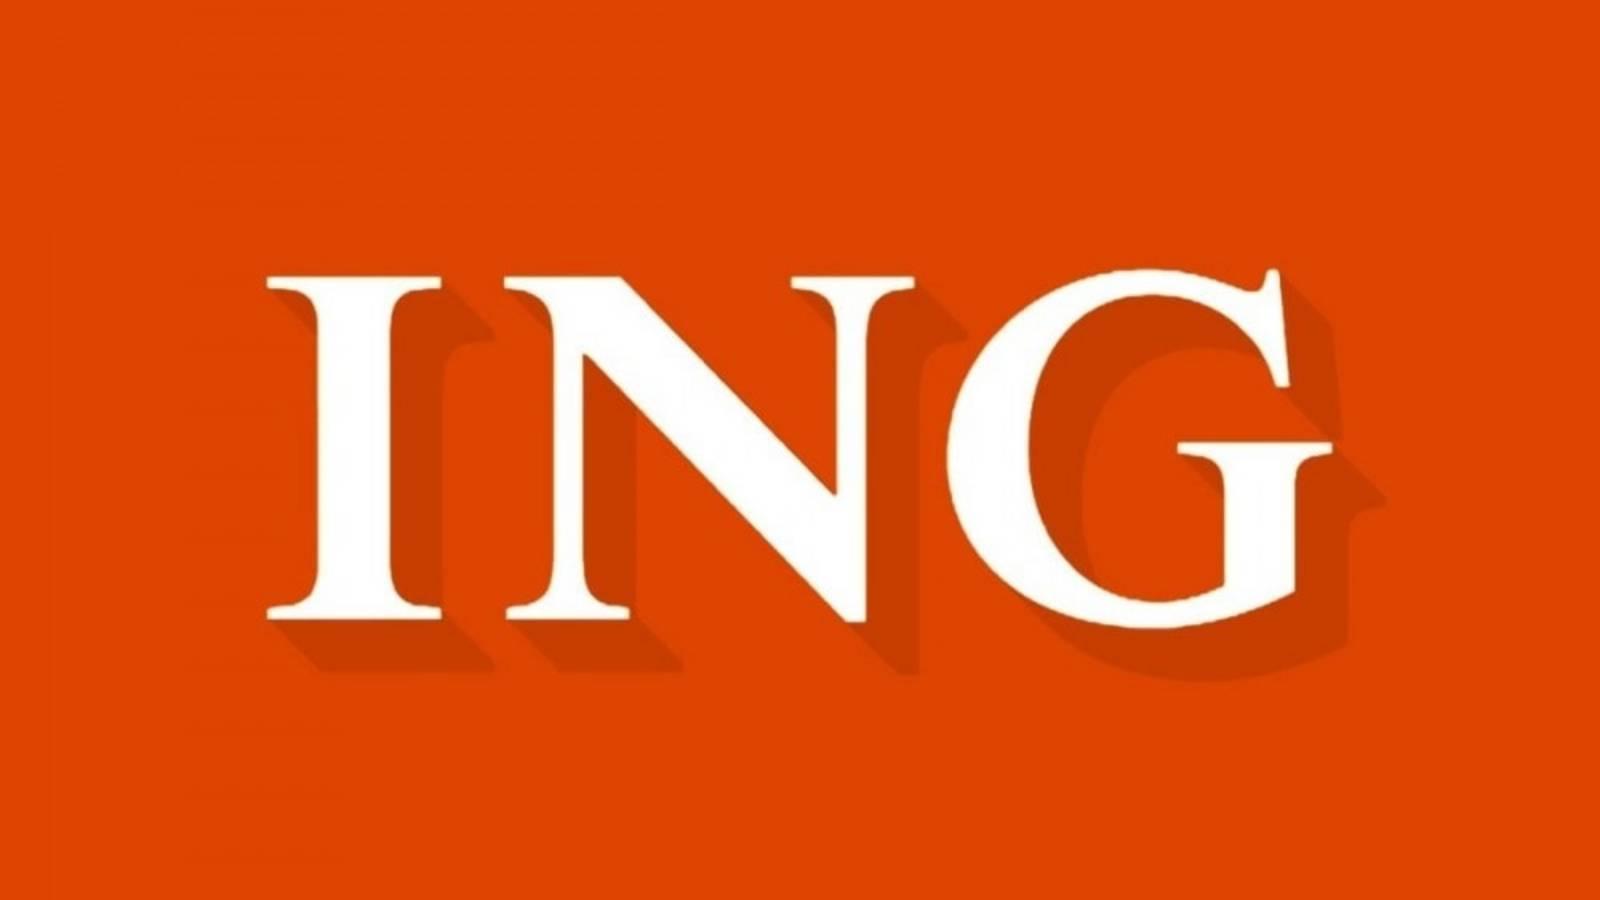 ING Bank paste